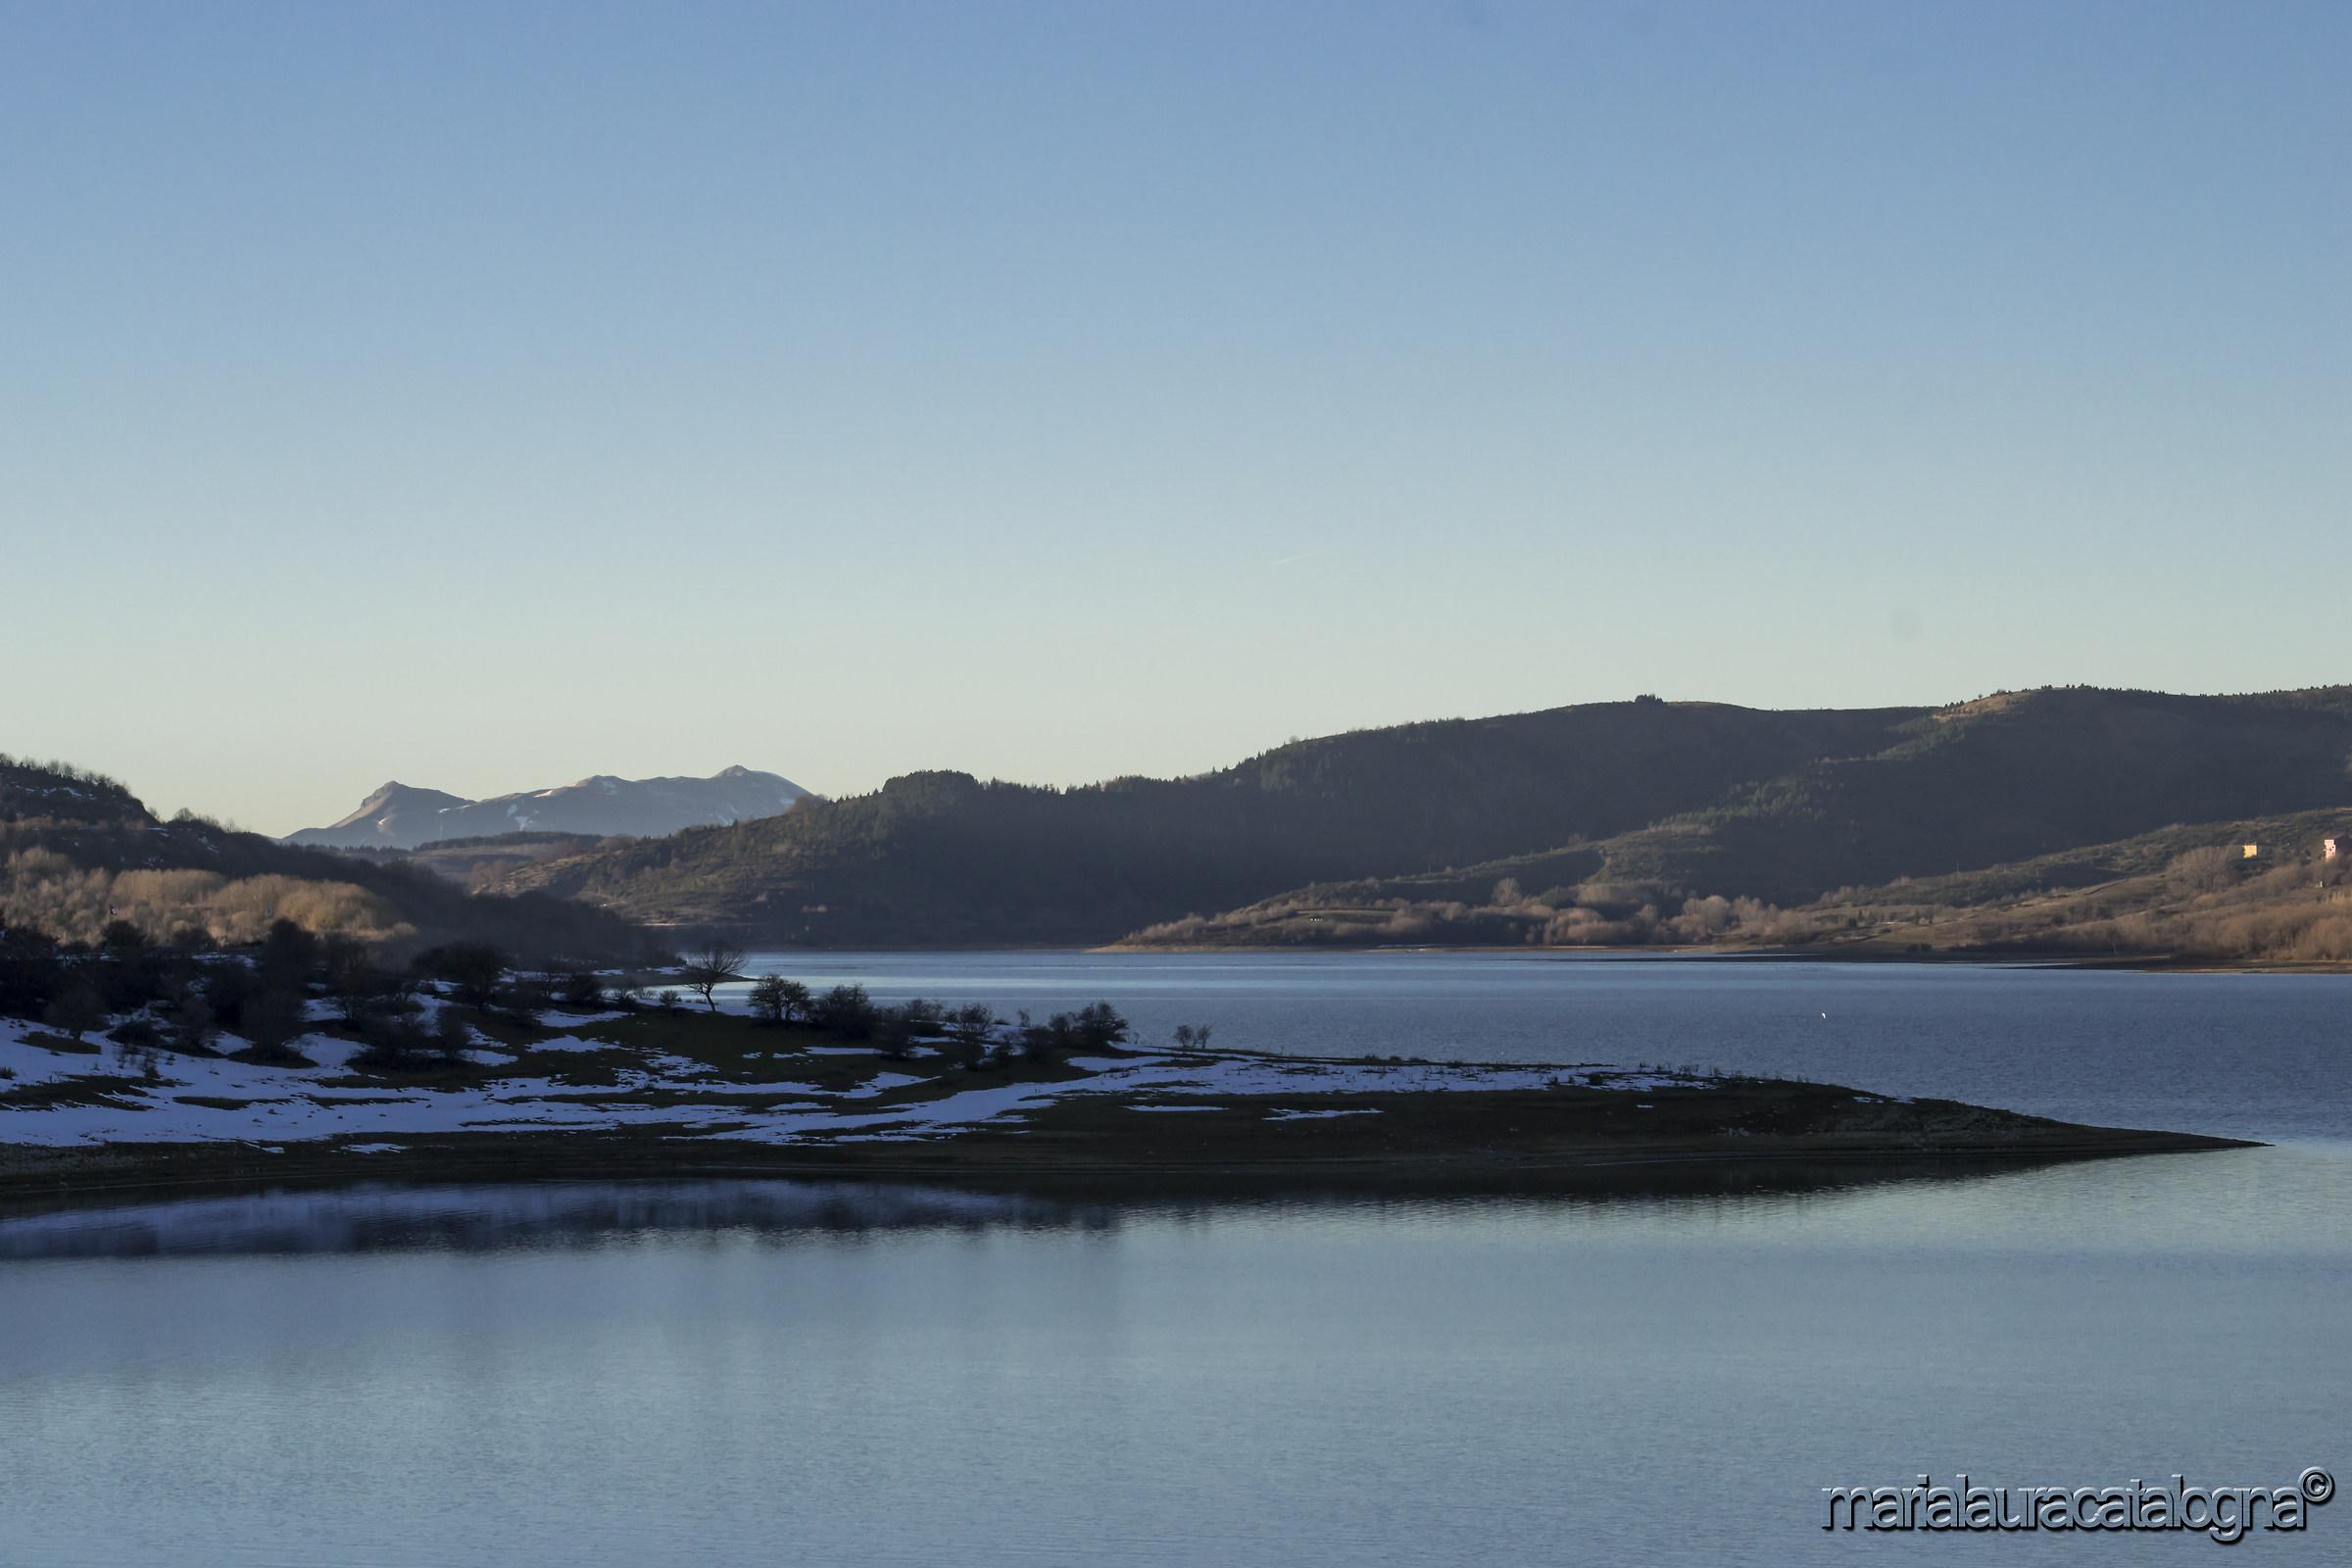 Lake Campotosto...